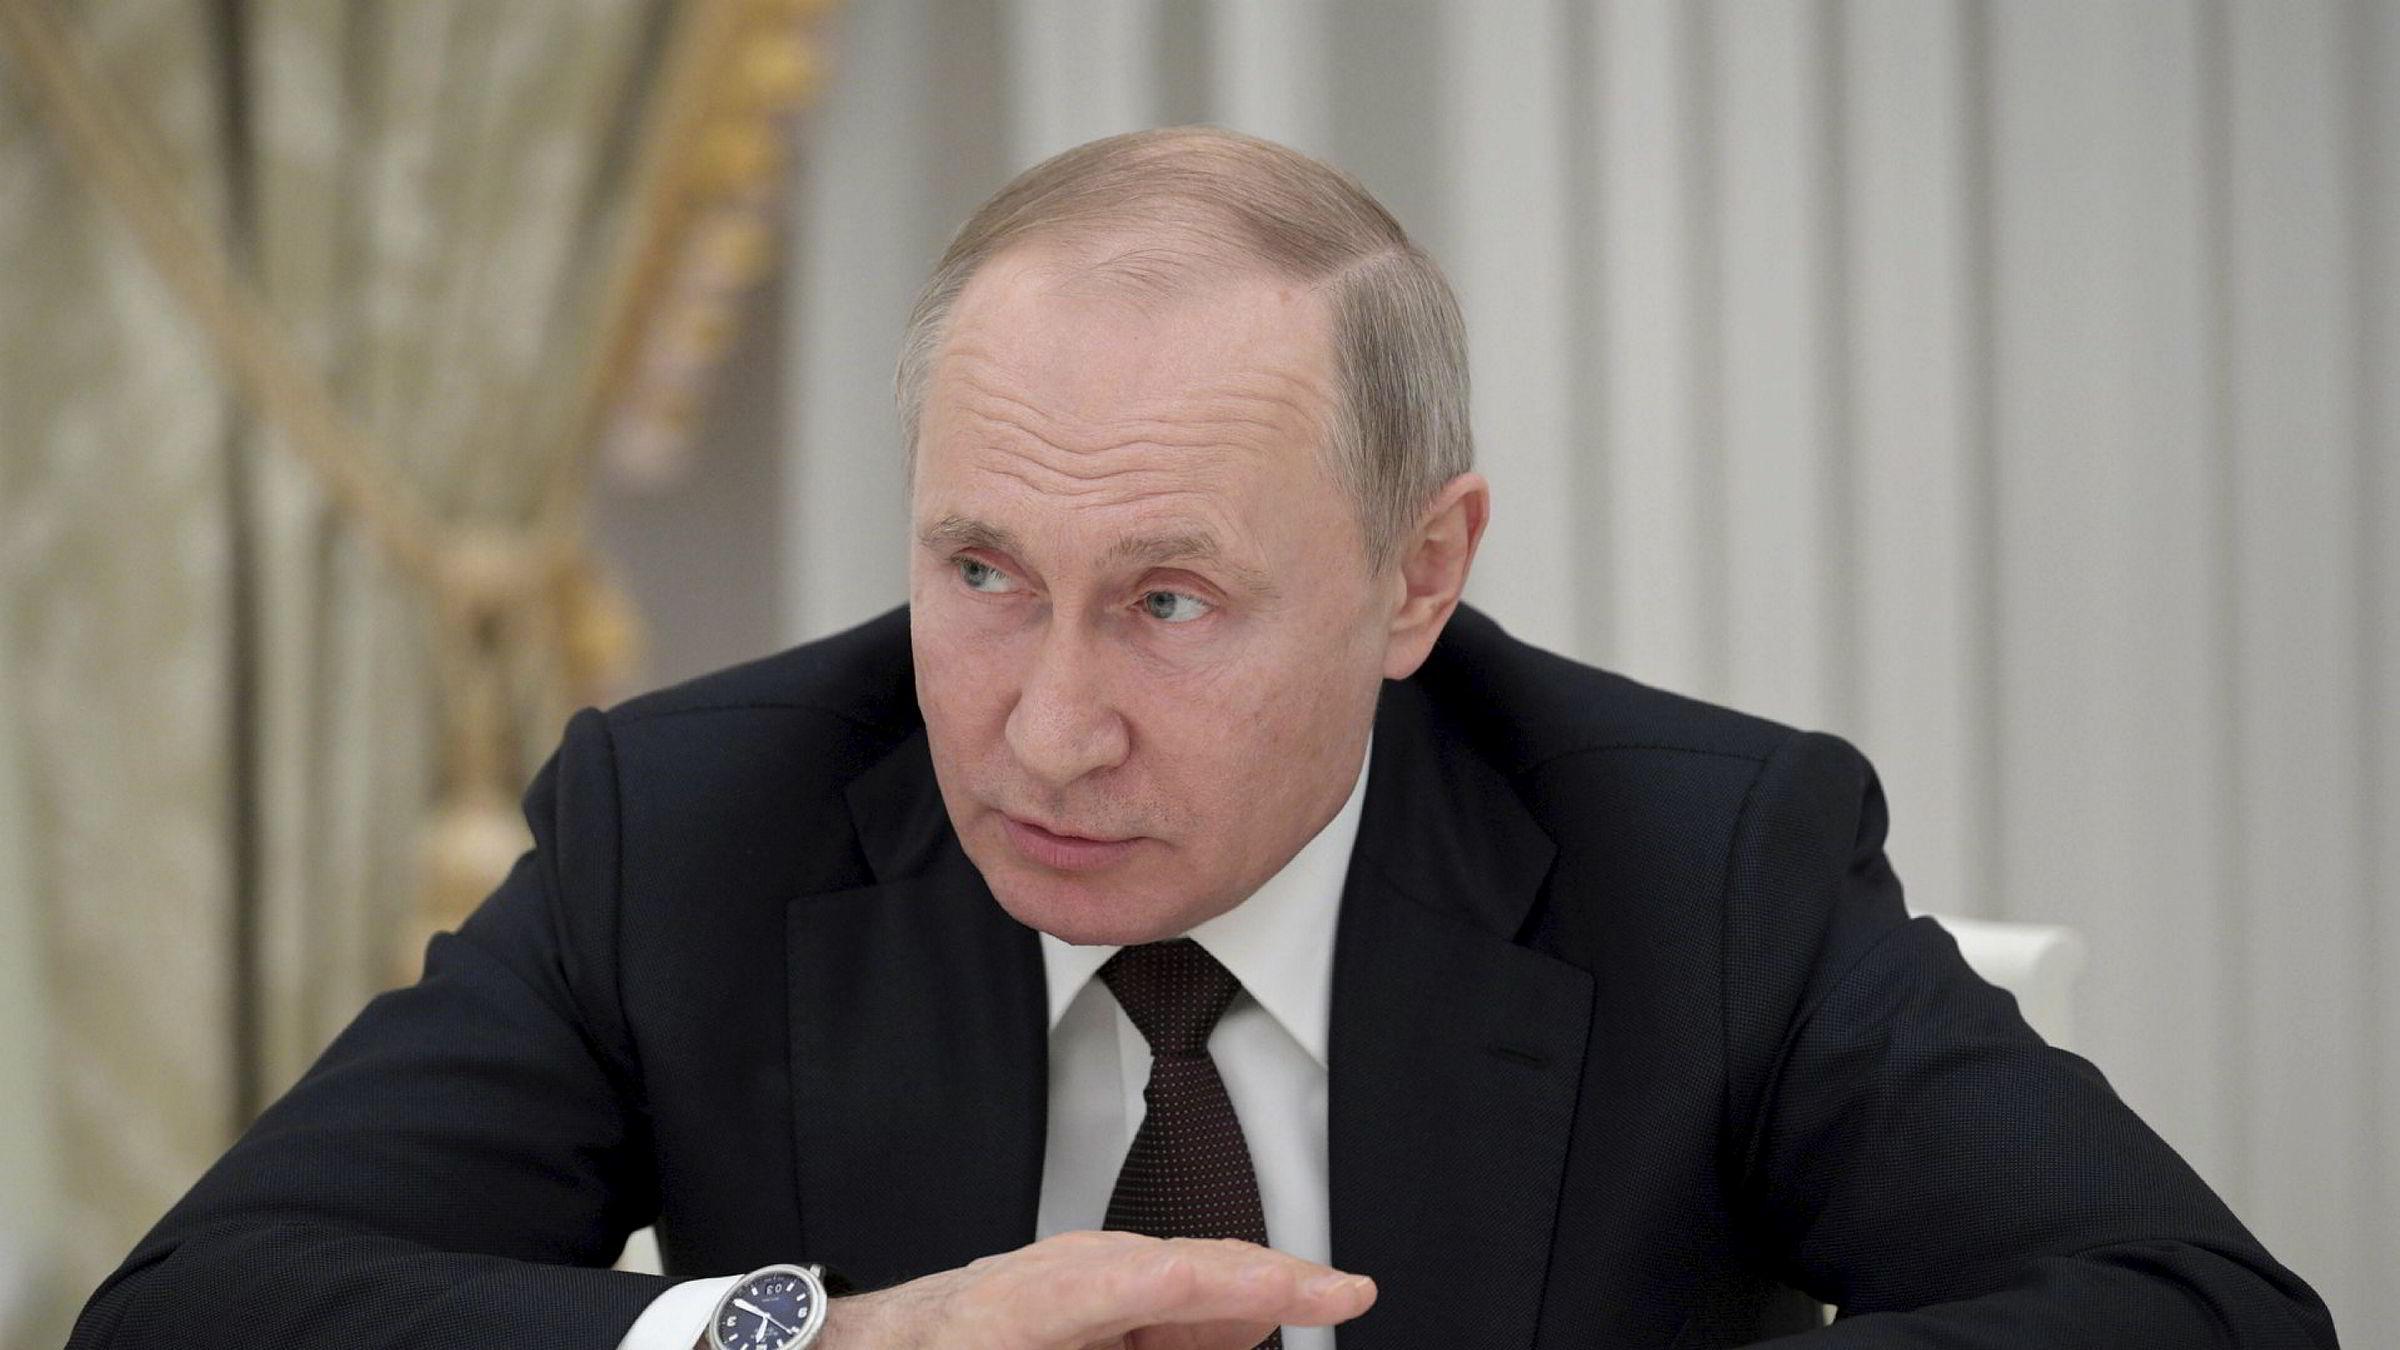 Russlands president Vladimir Putin bruker alle midler for å svekke regjeringen i Ukraina.